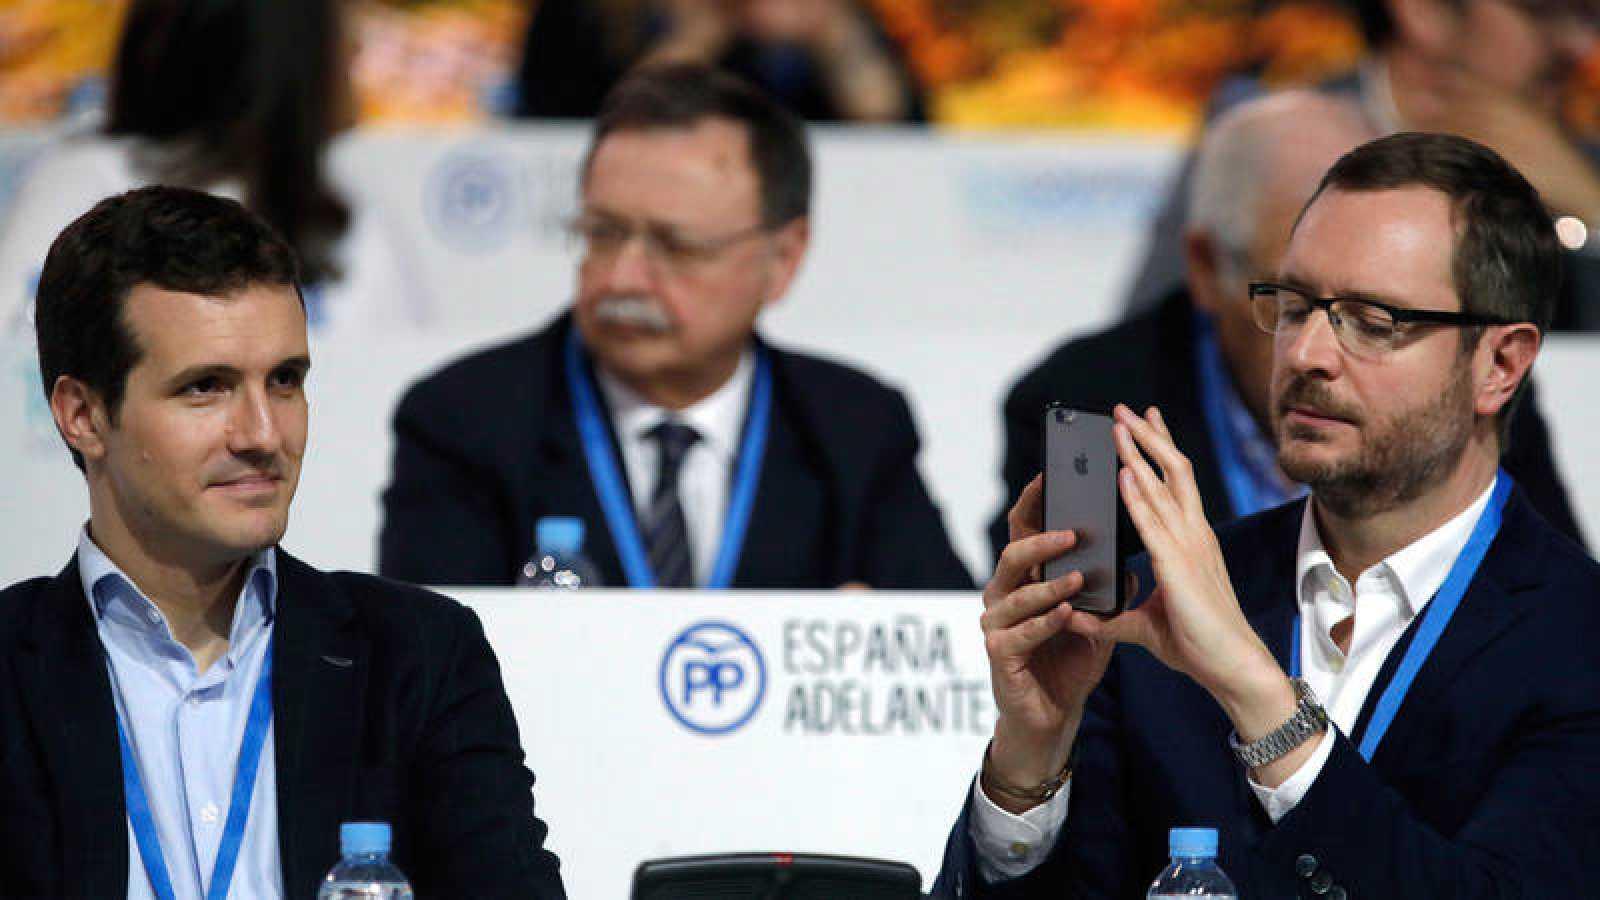 Los vicesecretarios del PP Pablo Casado y Javier Maroto, en un momento del congreso nacional del partido.